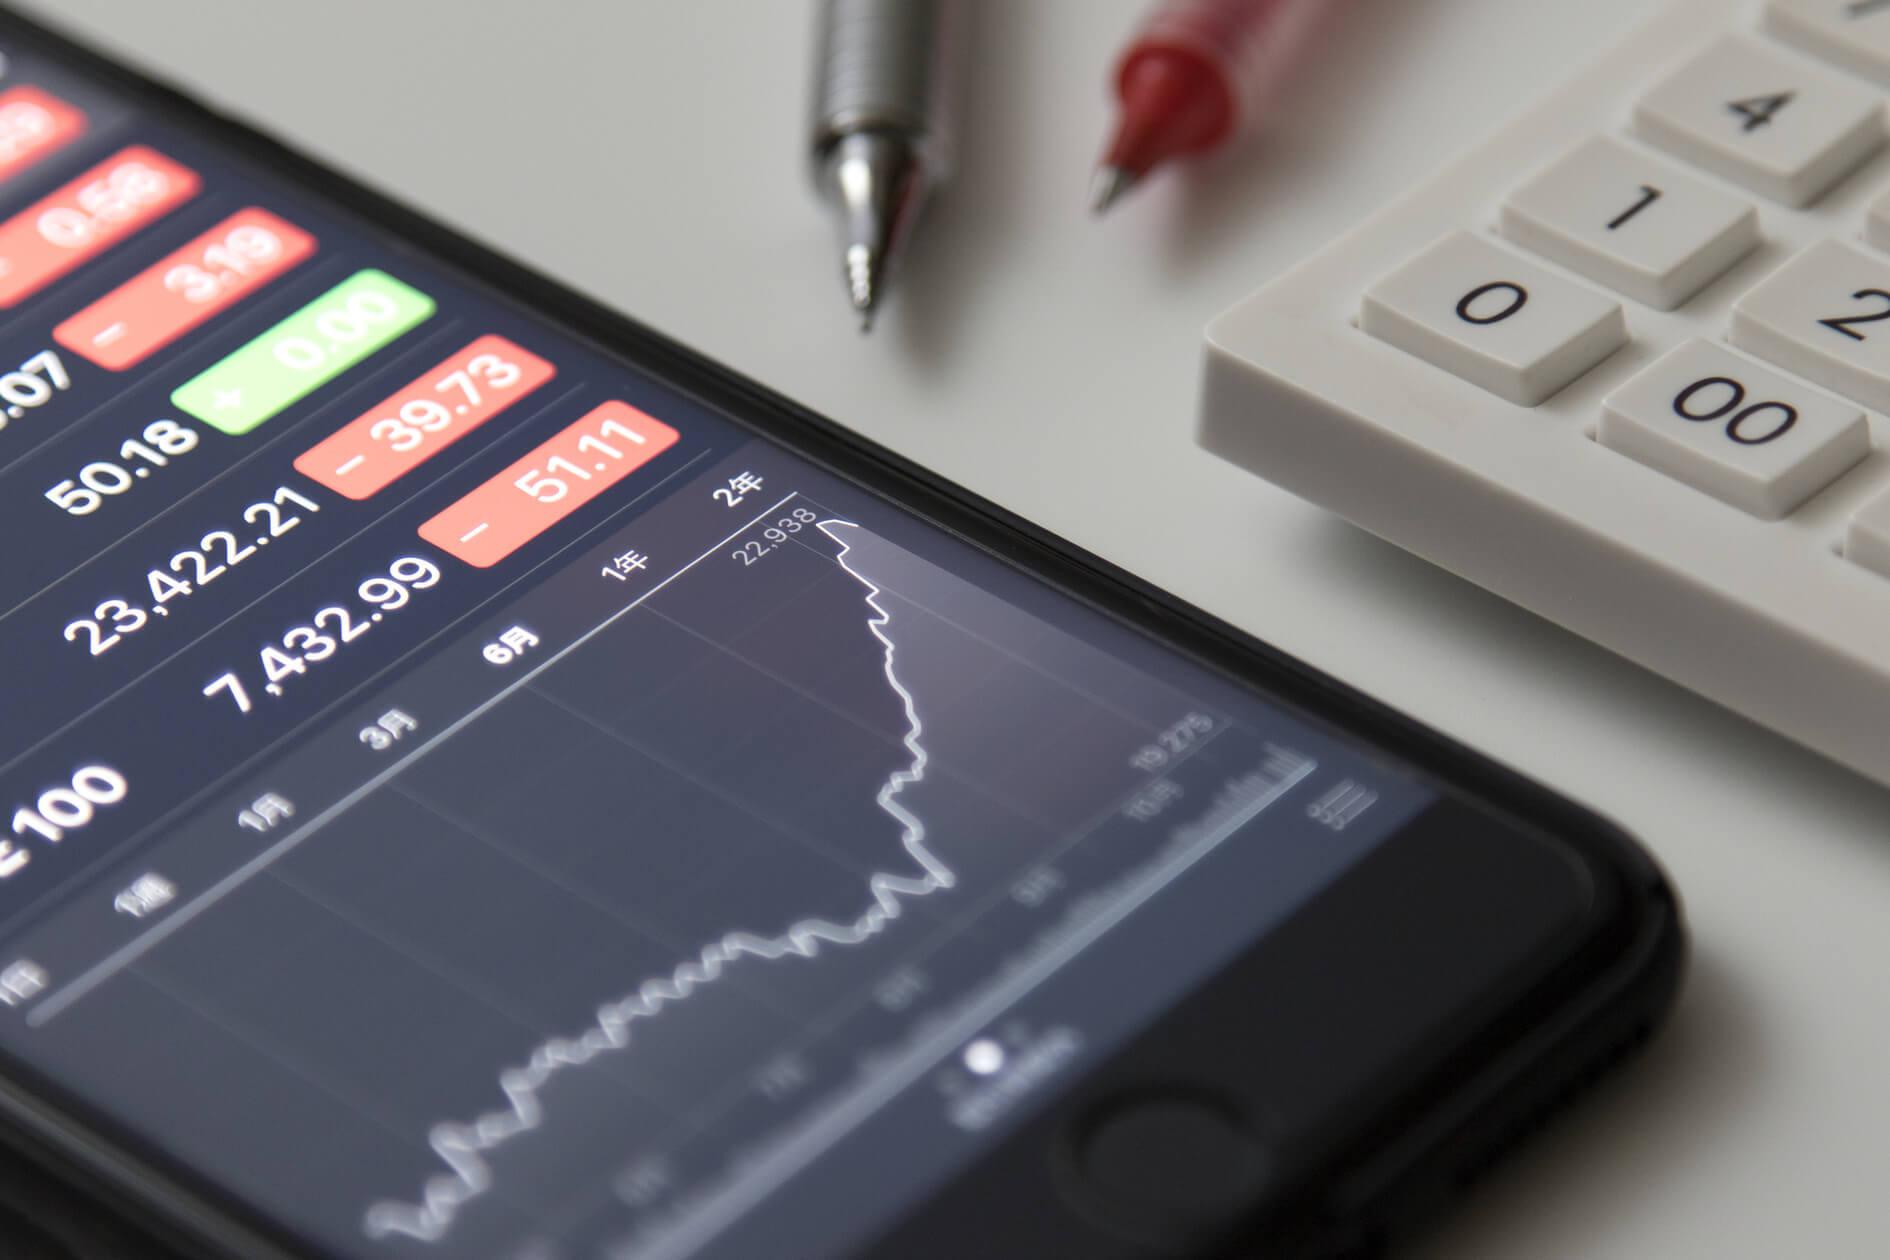 【Python入門】プログラミングで自分だけの株価データを手に入れよう